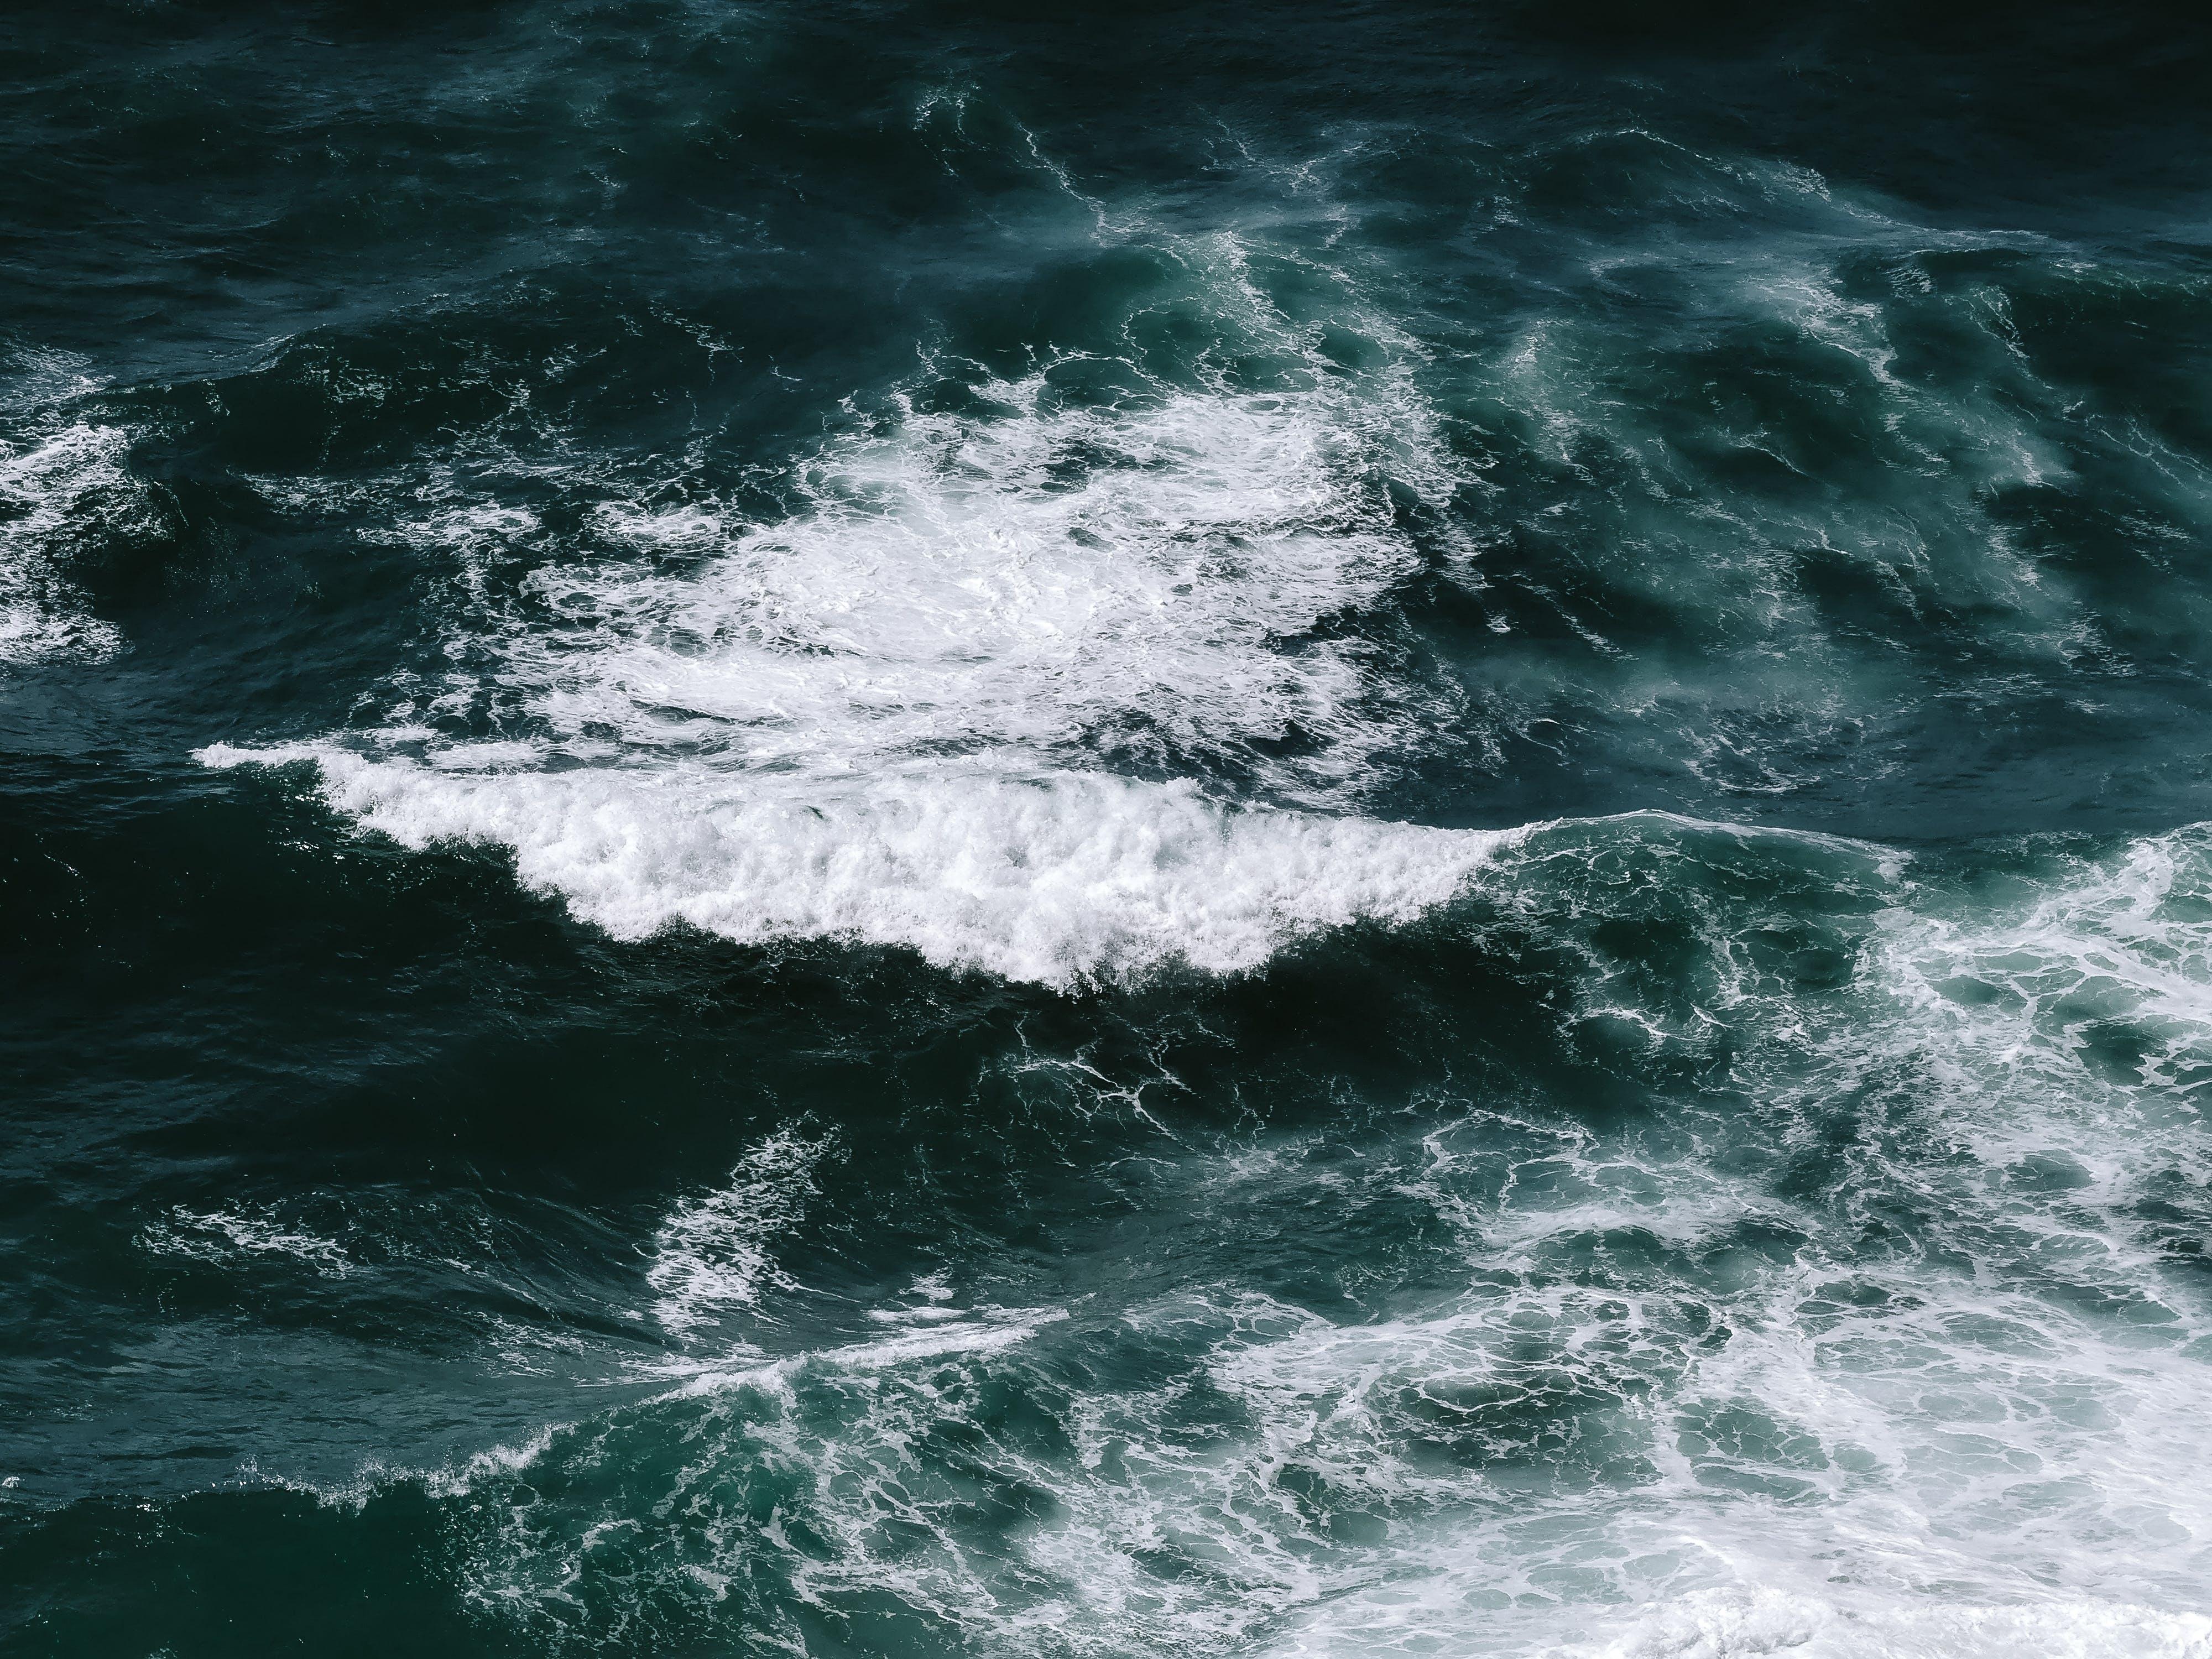 Gratis stockfoto met crashende golf, gebied met water, golven, groen